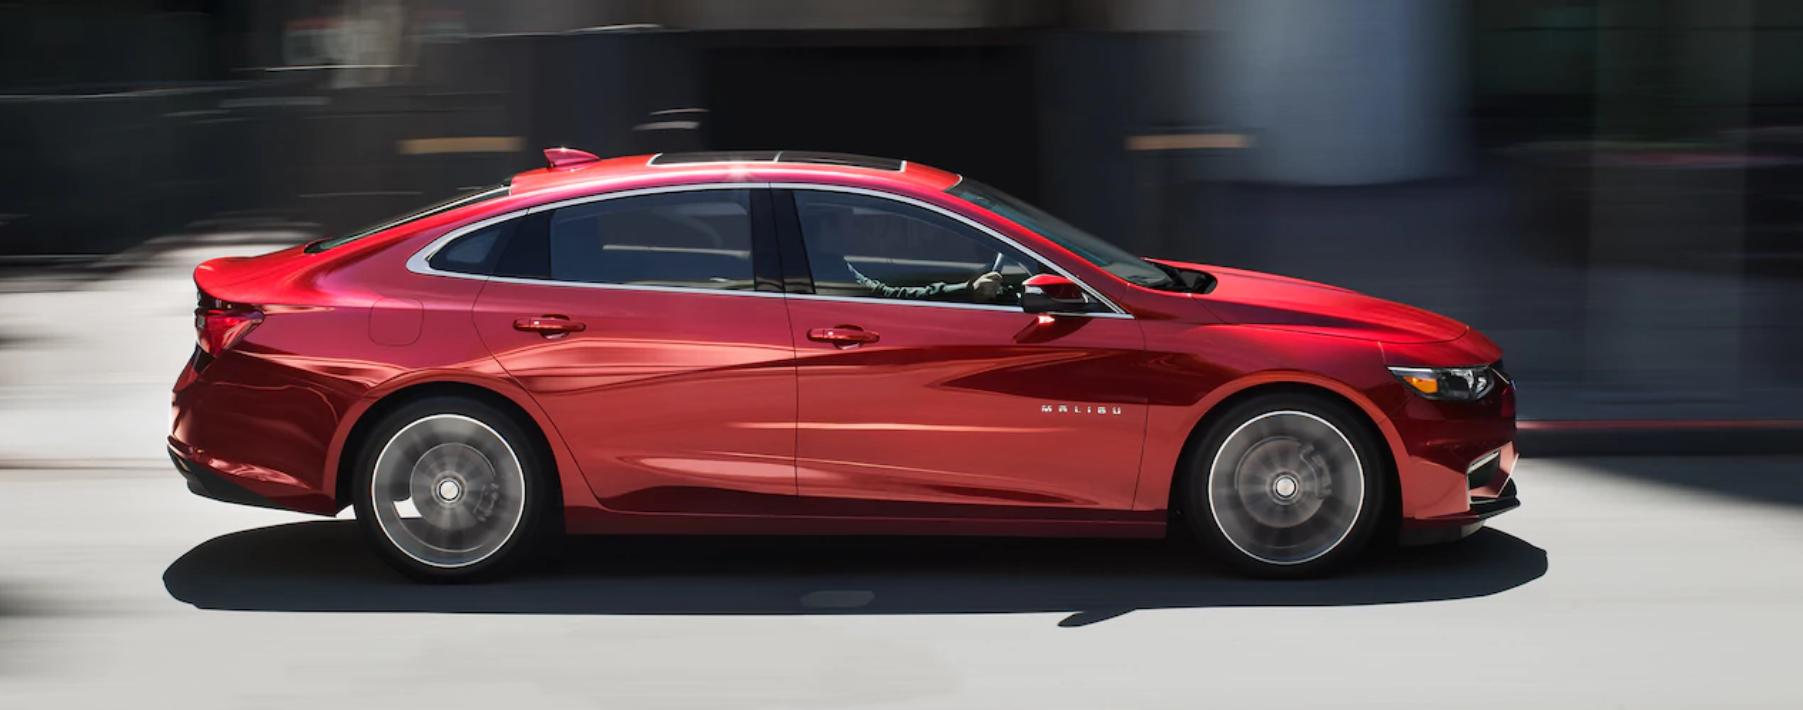 2017 Chevrolet Impala Safety